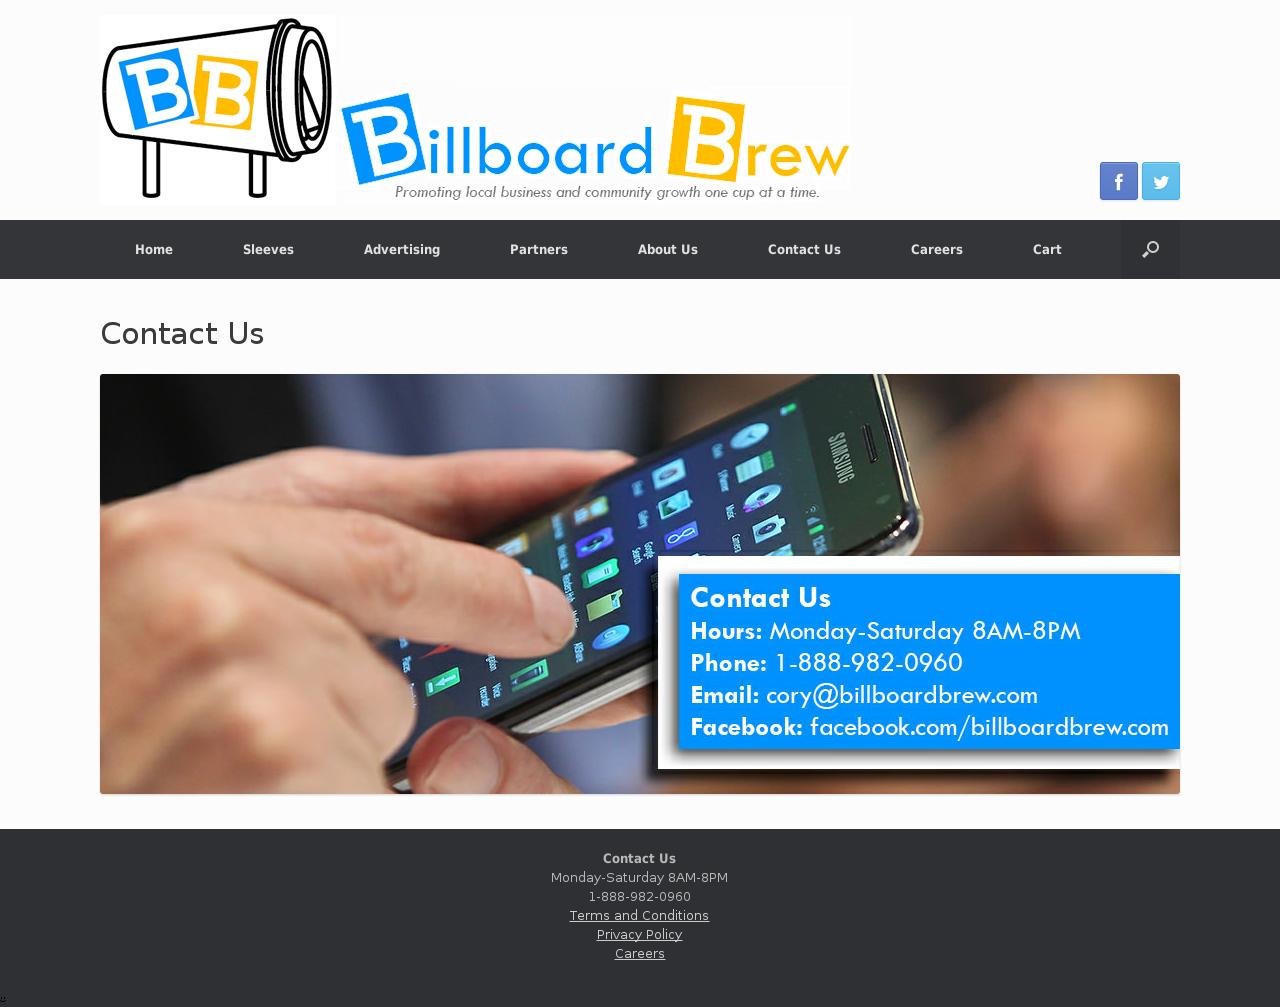 billboardbrew.com-20150114-7f8bec0996a3ad5cb303c5f184fe4be4